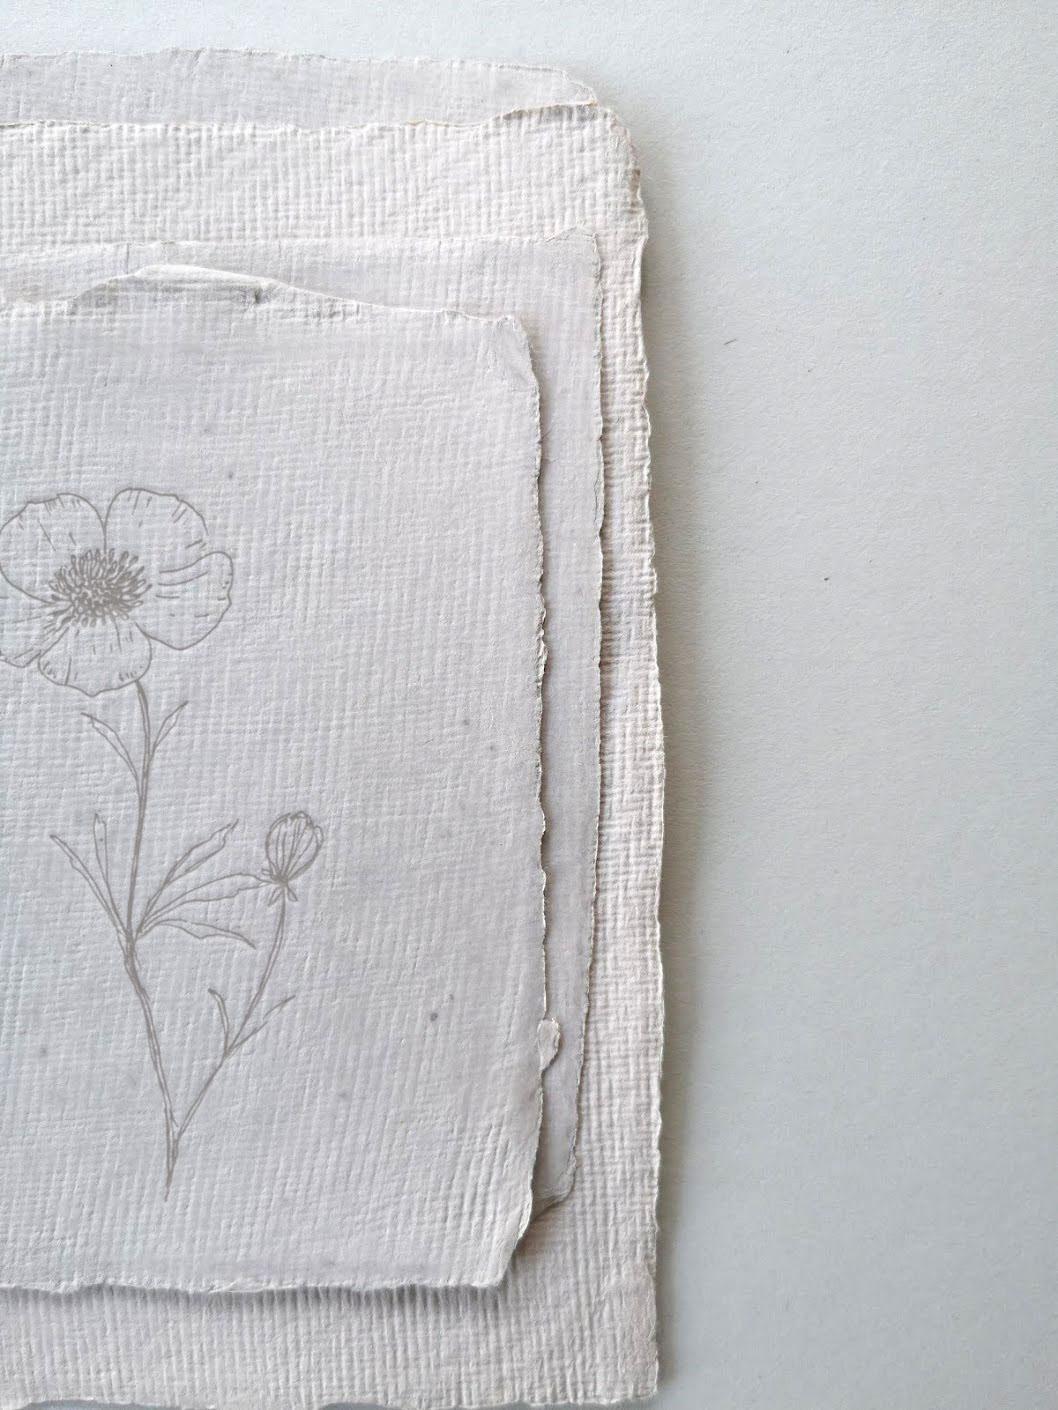 Buttercup_on_handmade_paper.jpg